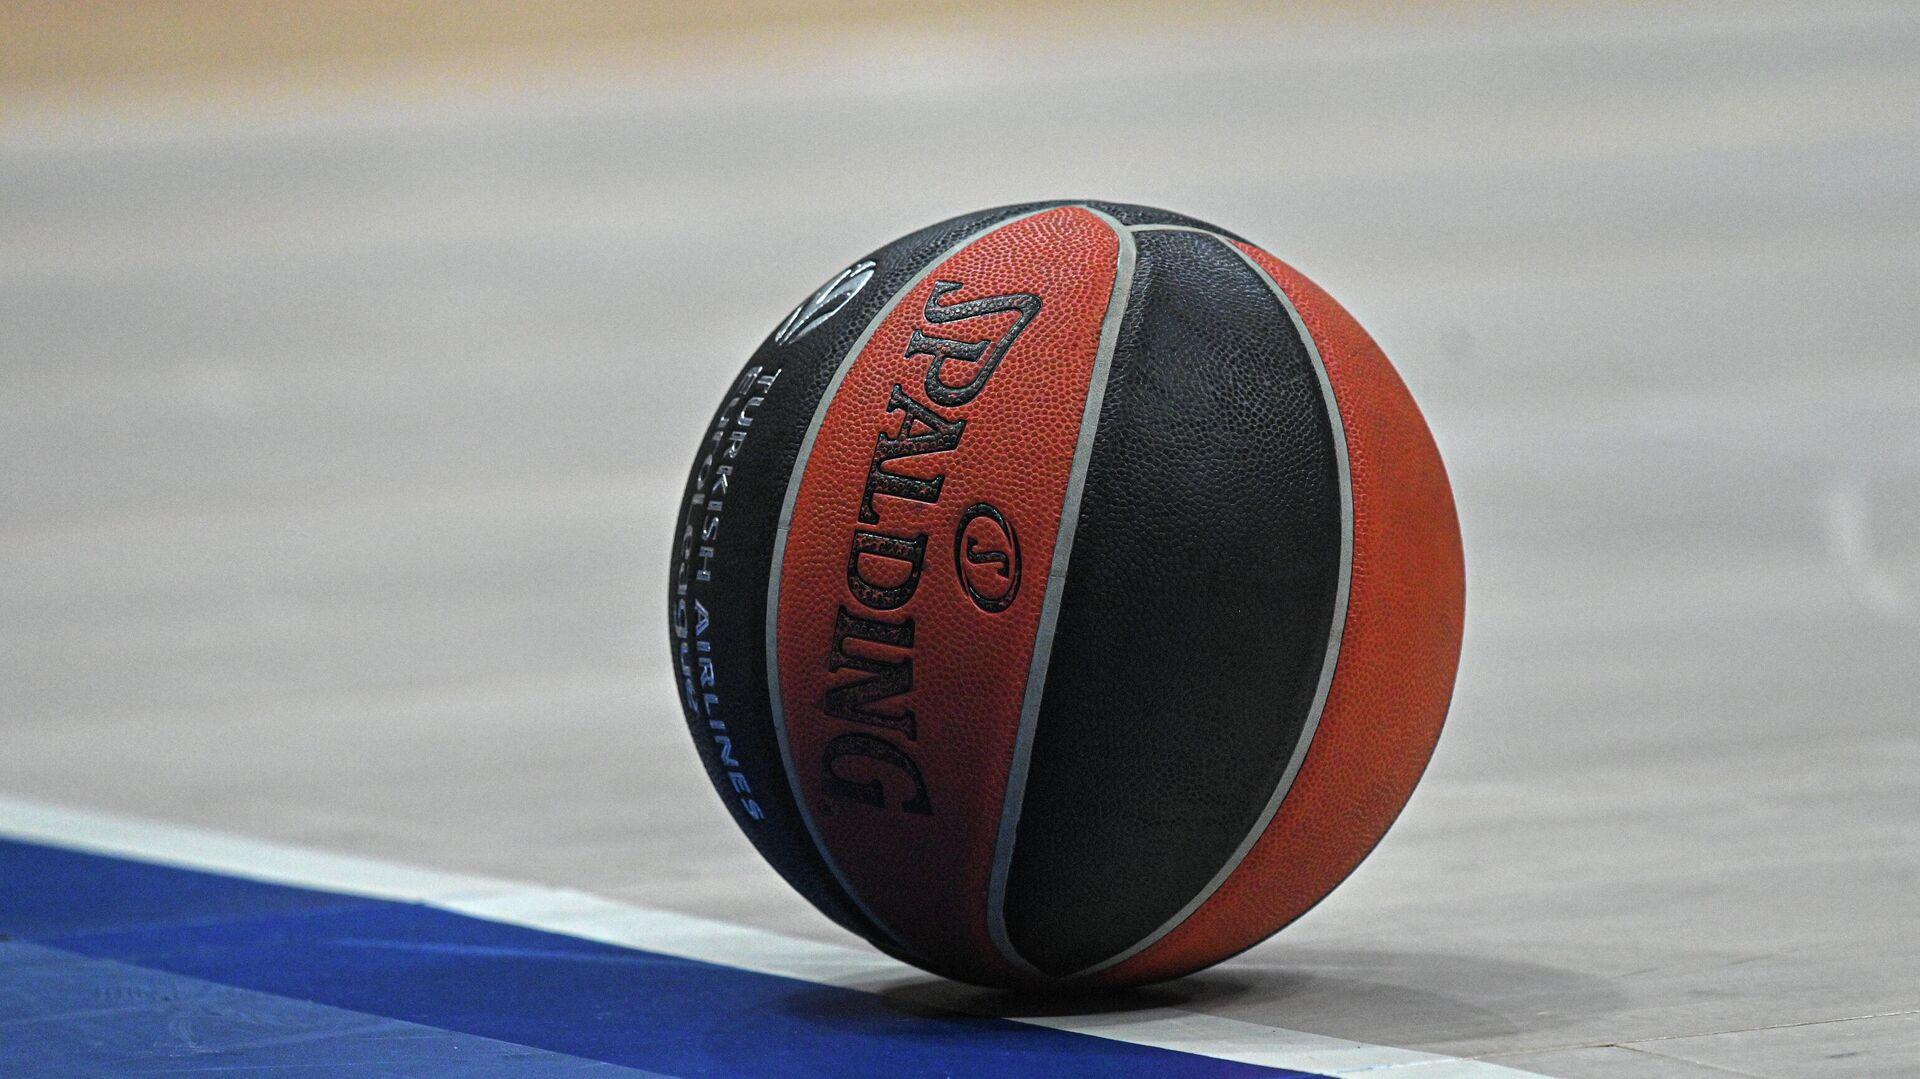 Баскетбол. Евролига. Матч ЦСКА — Барселона - РИА Новости, 1920, 04.03.2021